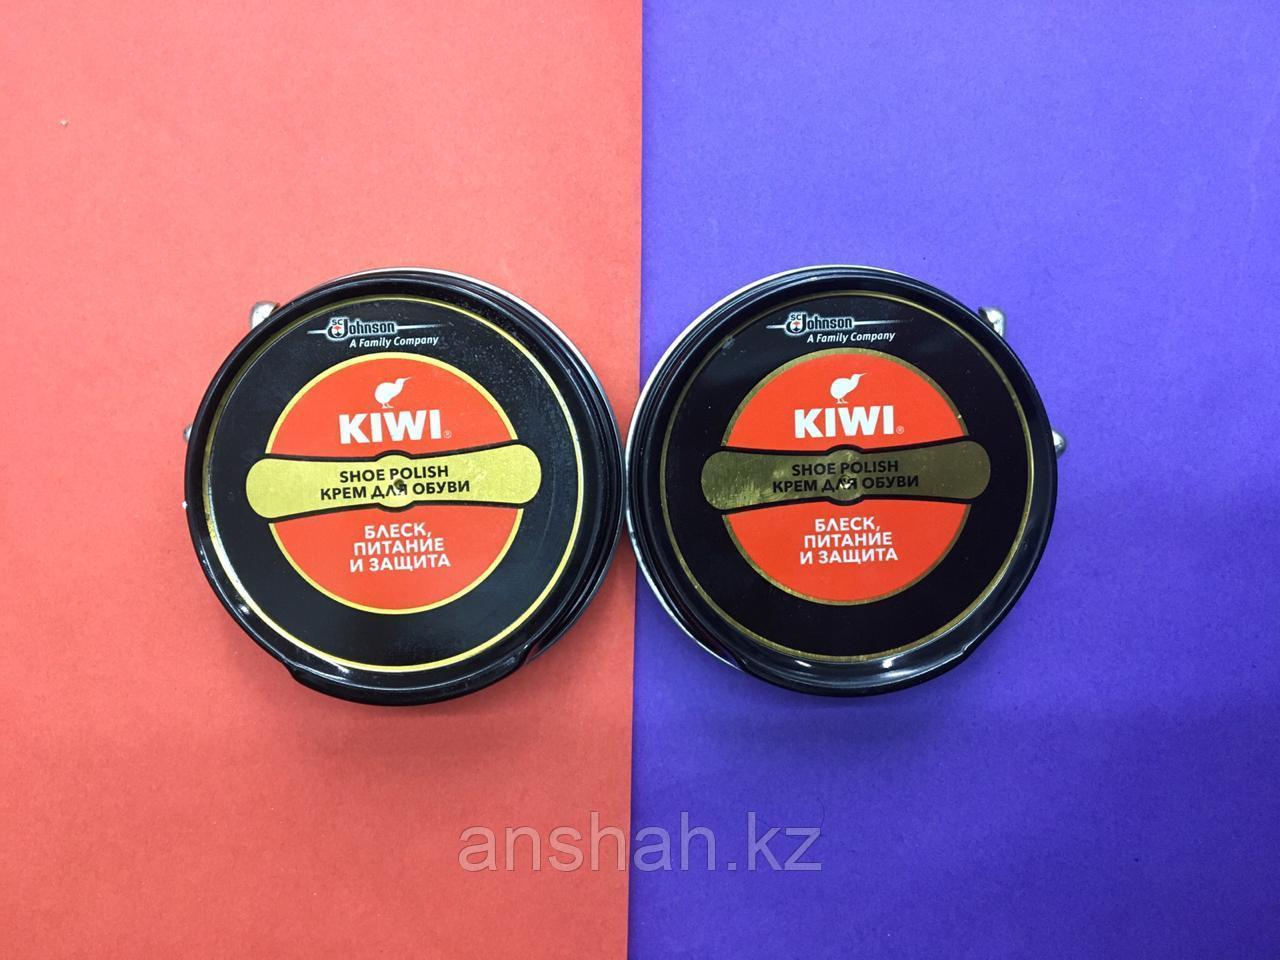 Крем  для обуви KIWI черный,коричневый оригинал